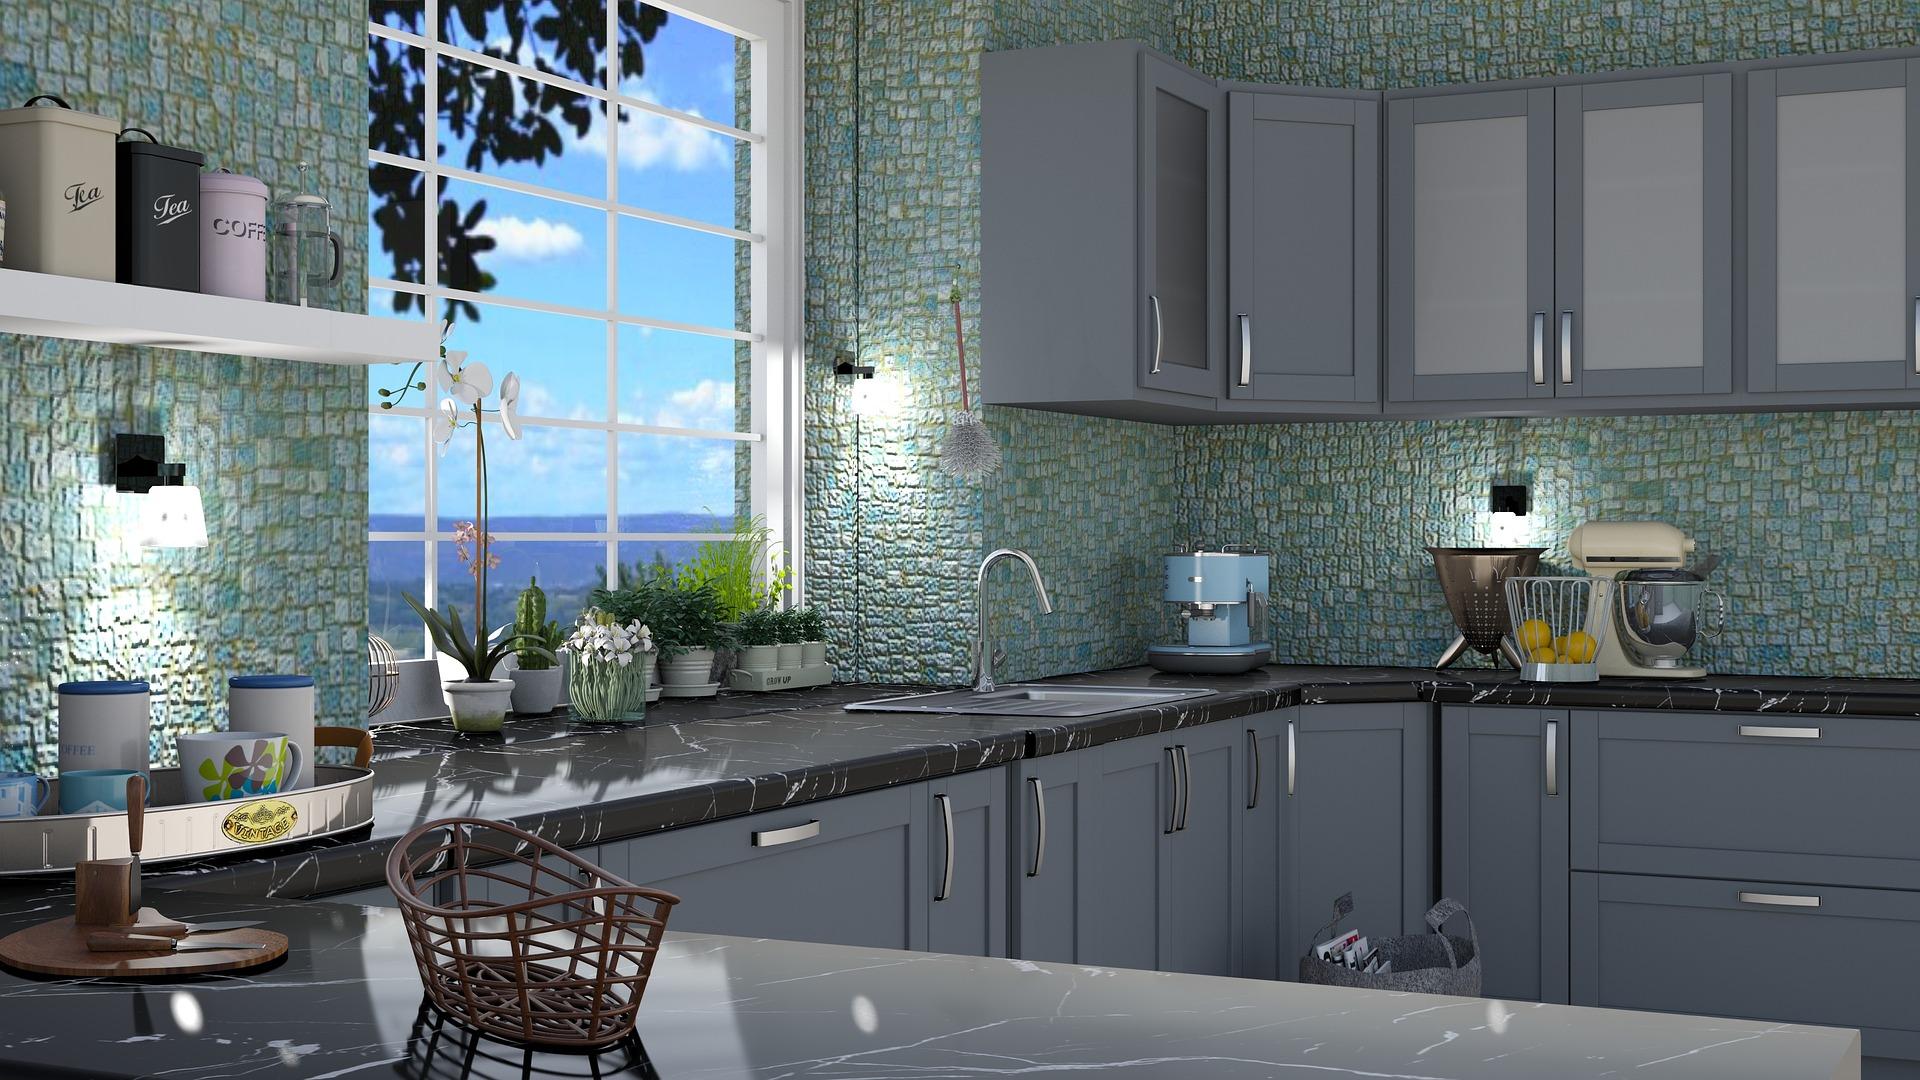 kitchen-design-summer-2020.jpg